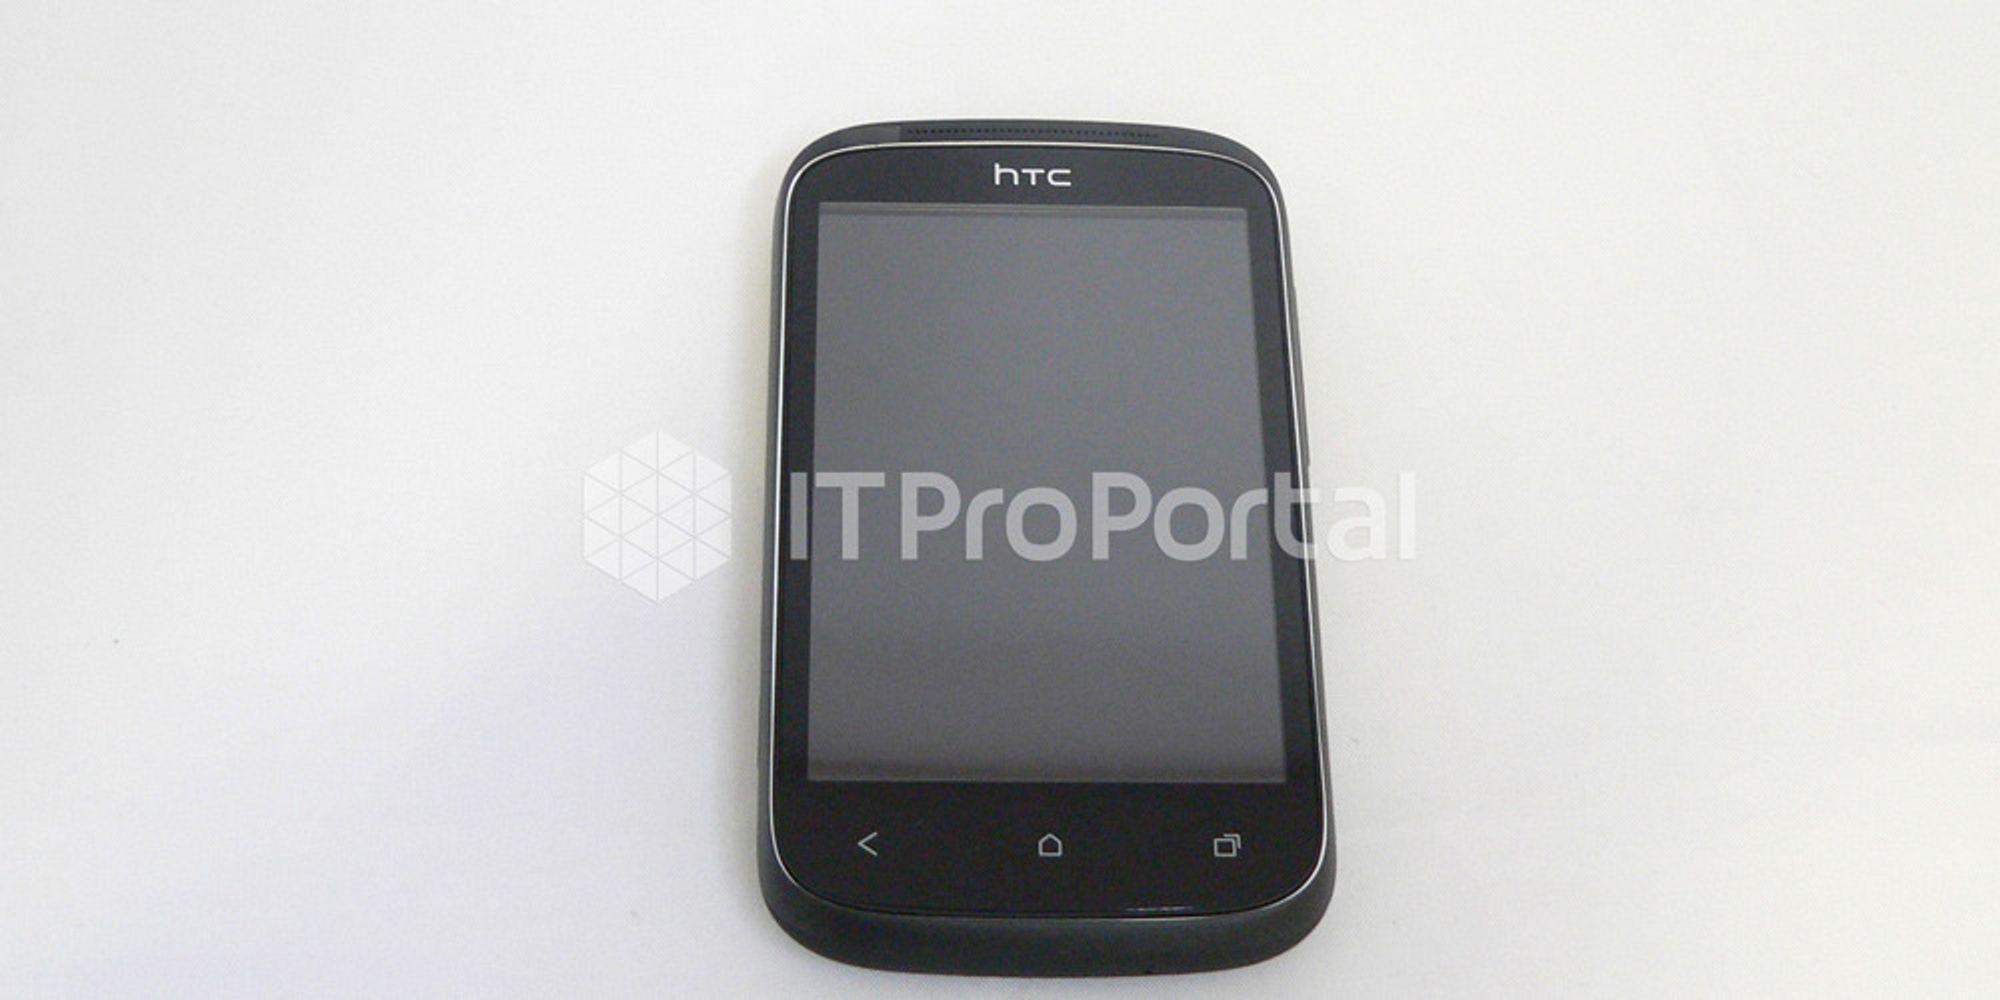 Her er HTC Desire C